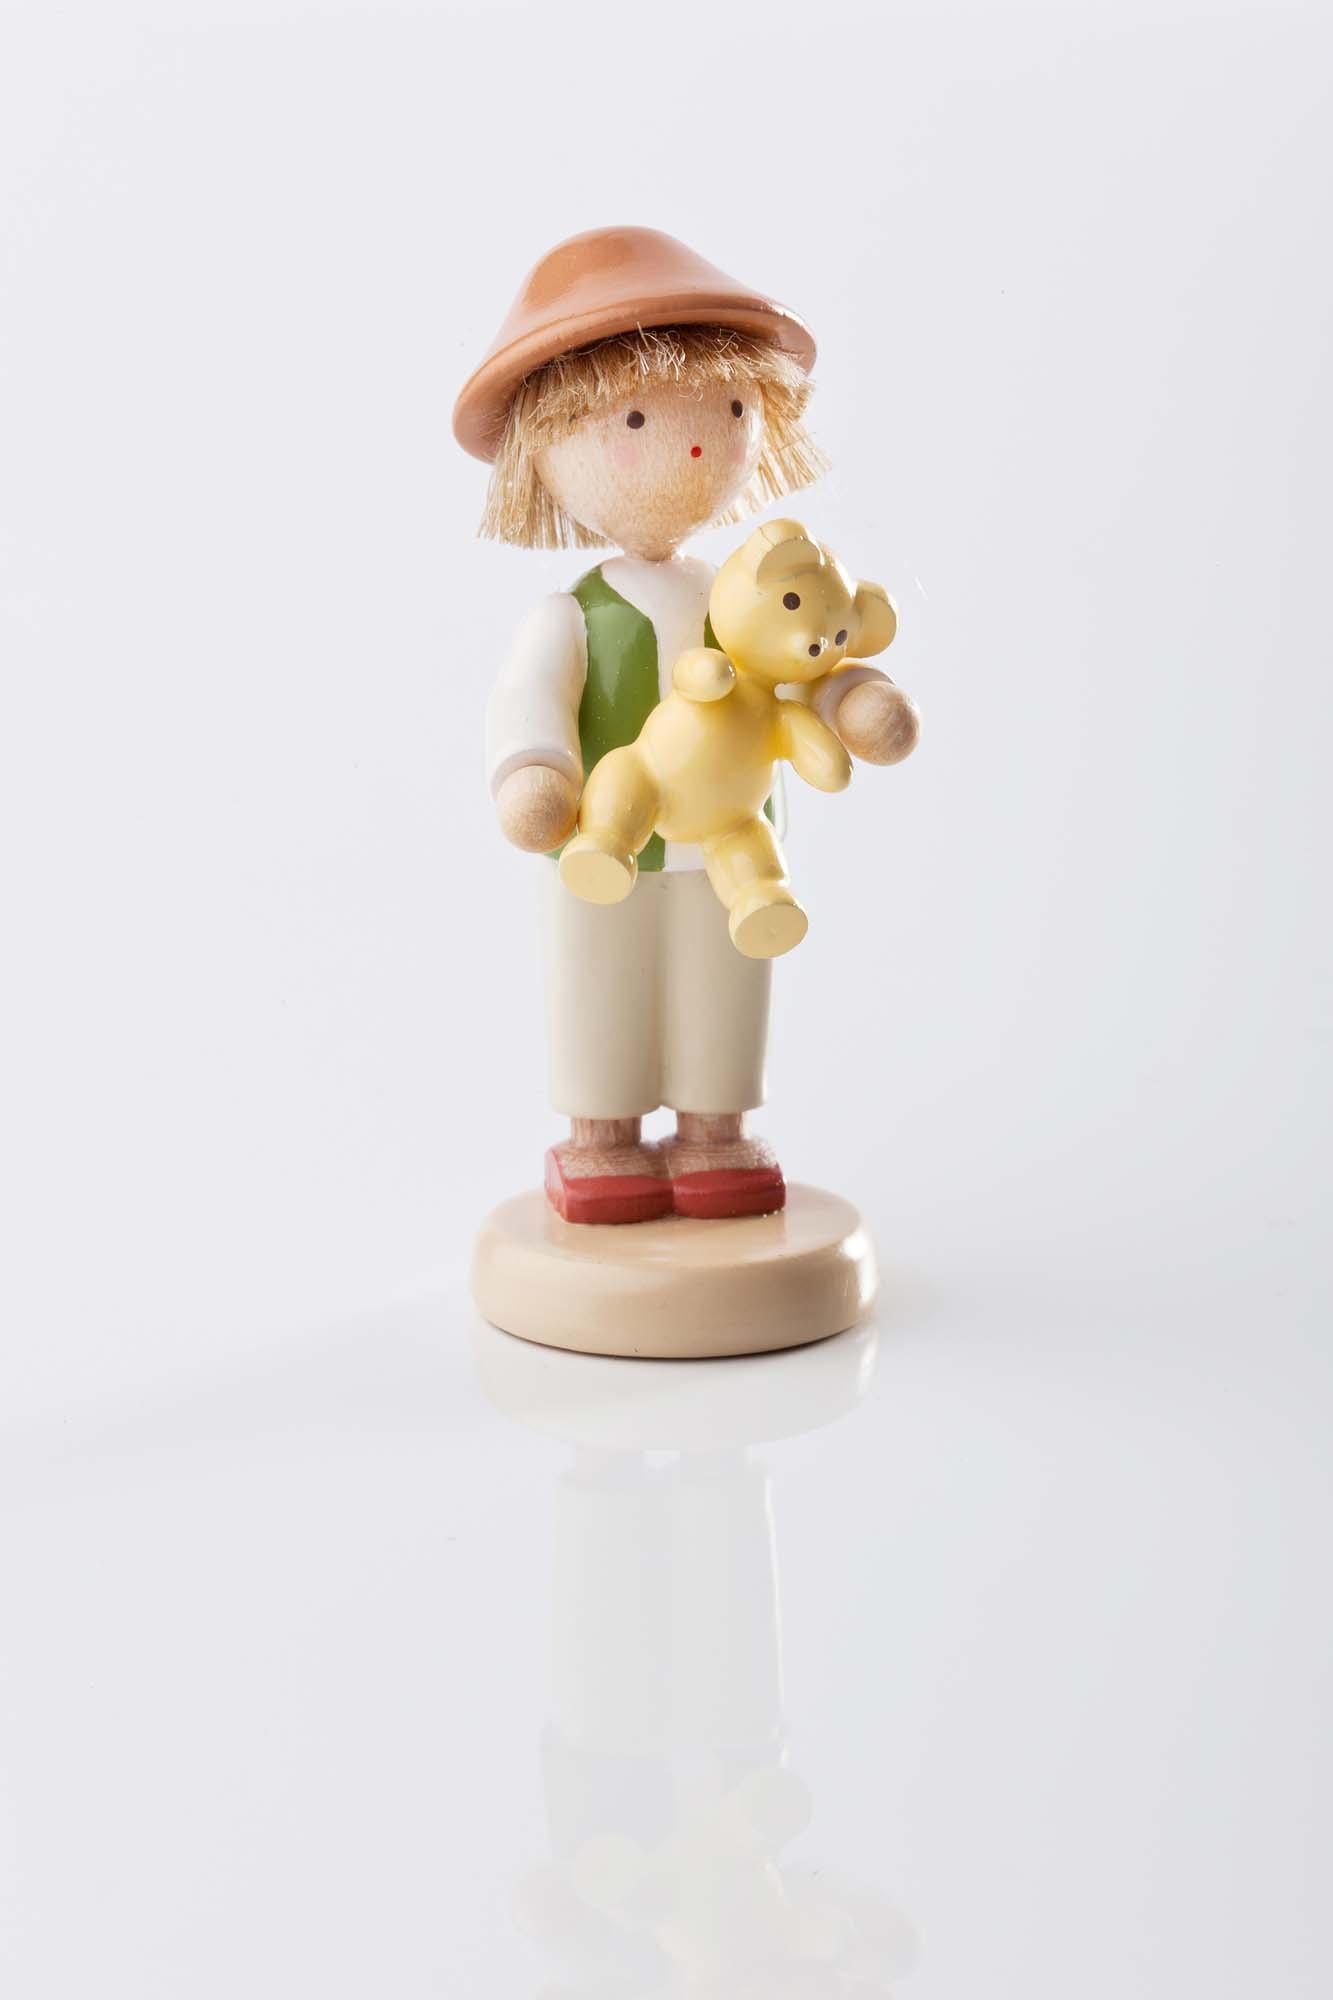 Junge mit Teddy 5119